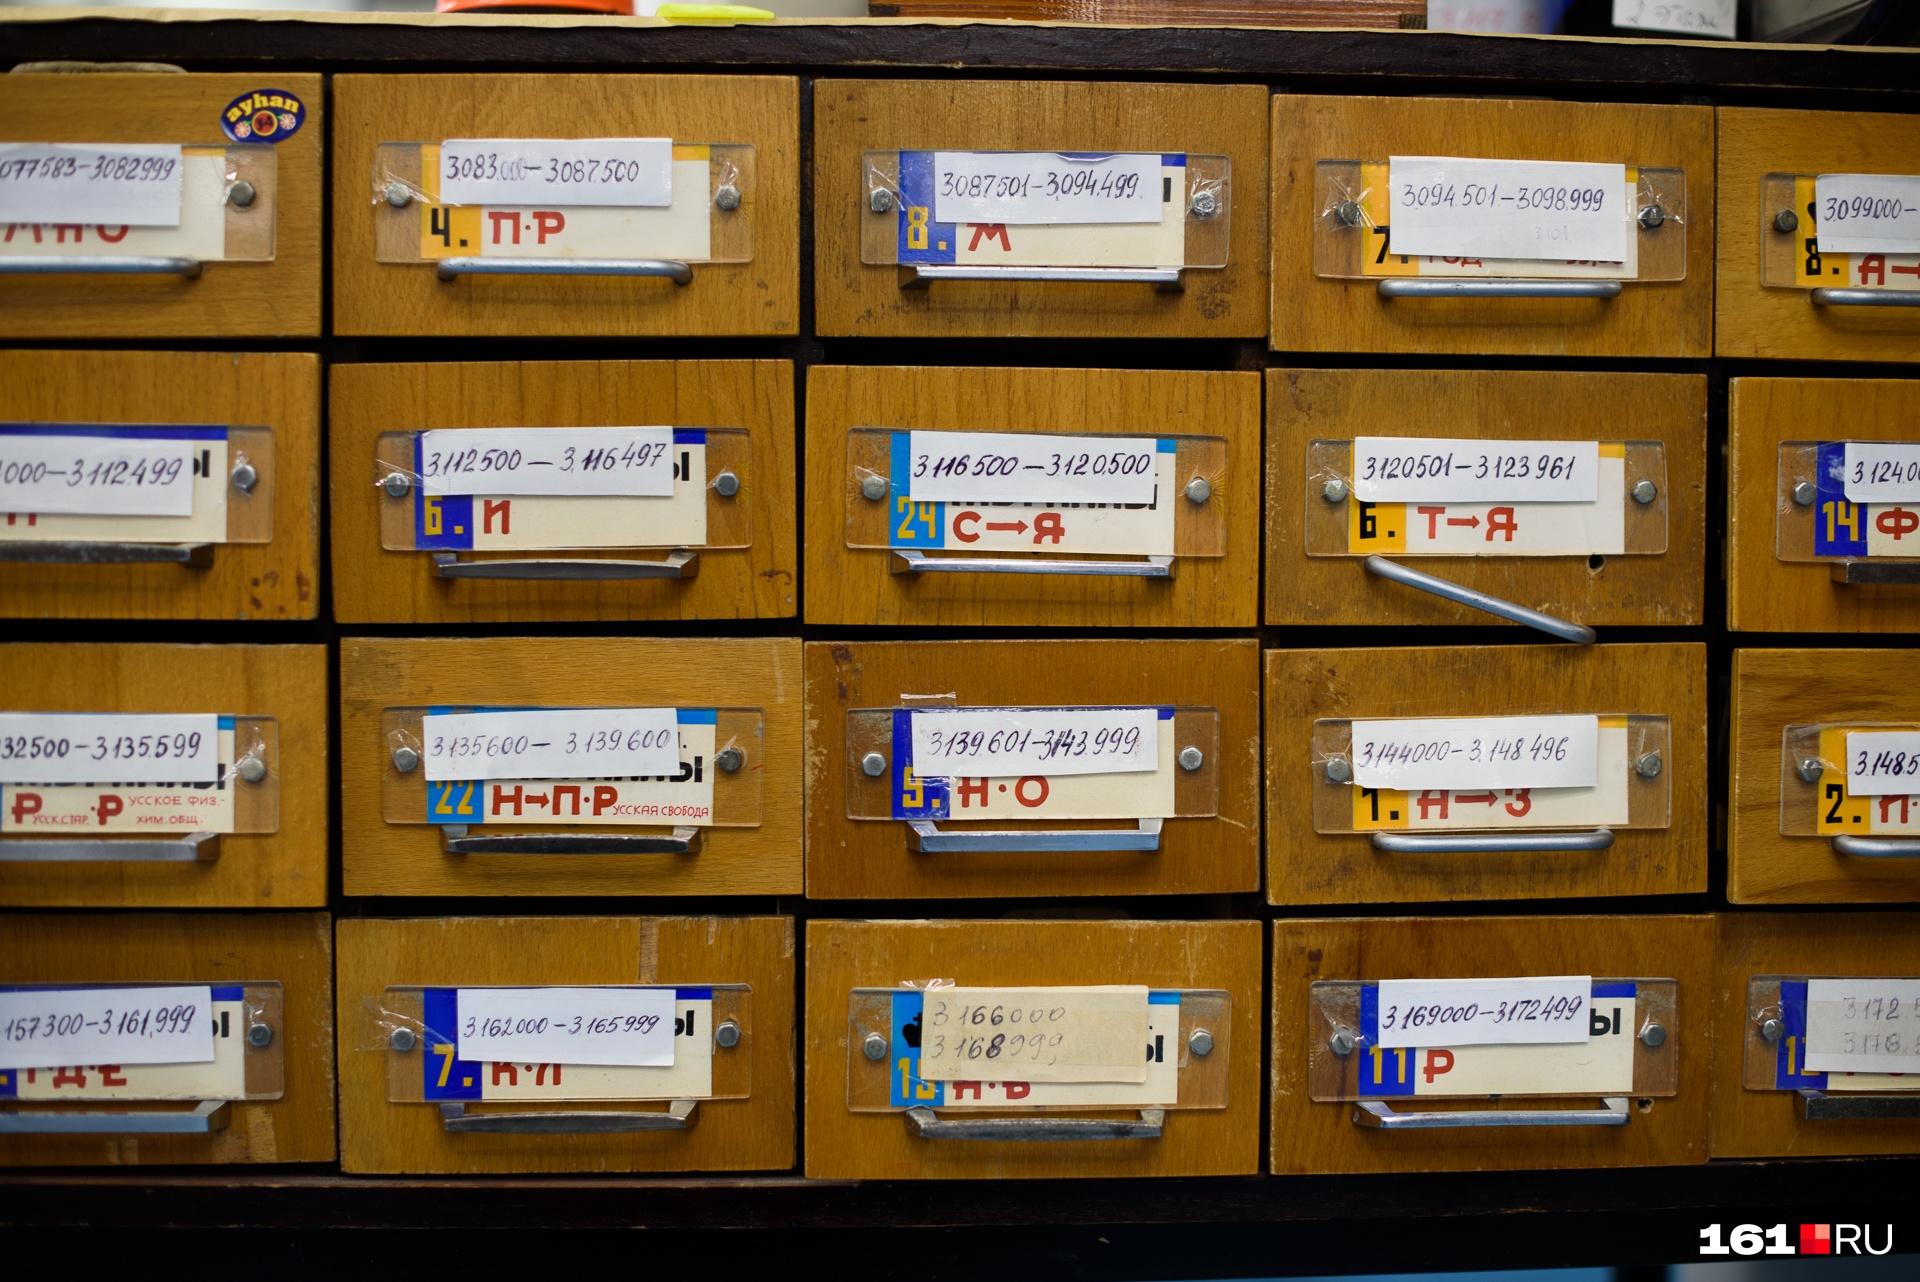 На каждом этаже хранилища примерно 200 тысяч изданий, а работает по одному сотруднику. Каждый должен за 20 минут по запросу гостя библиотеки найти нужную книгу